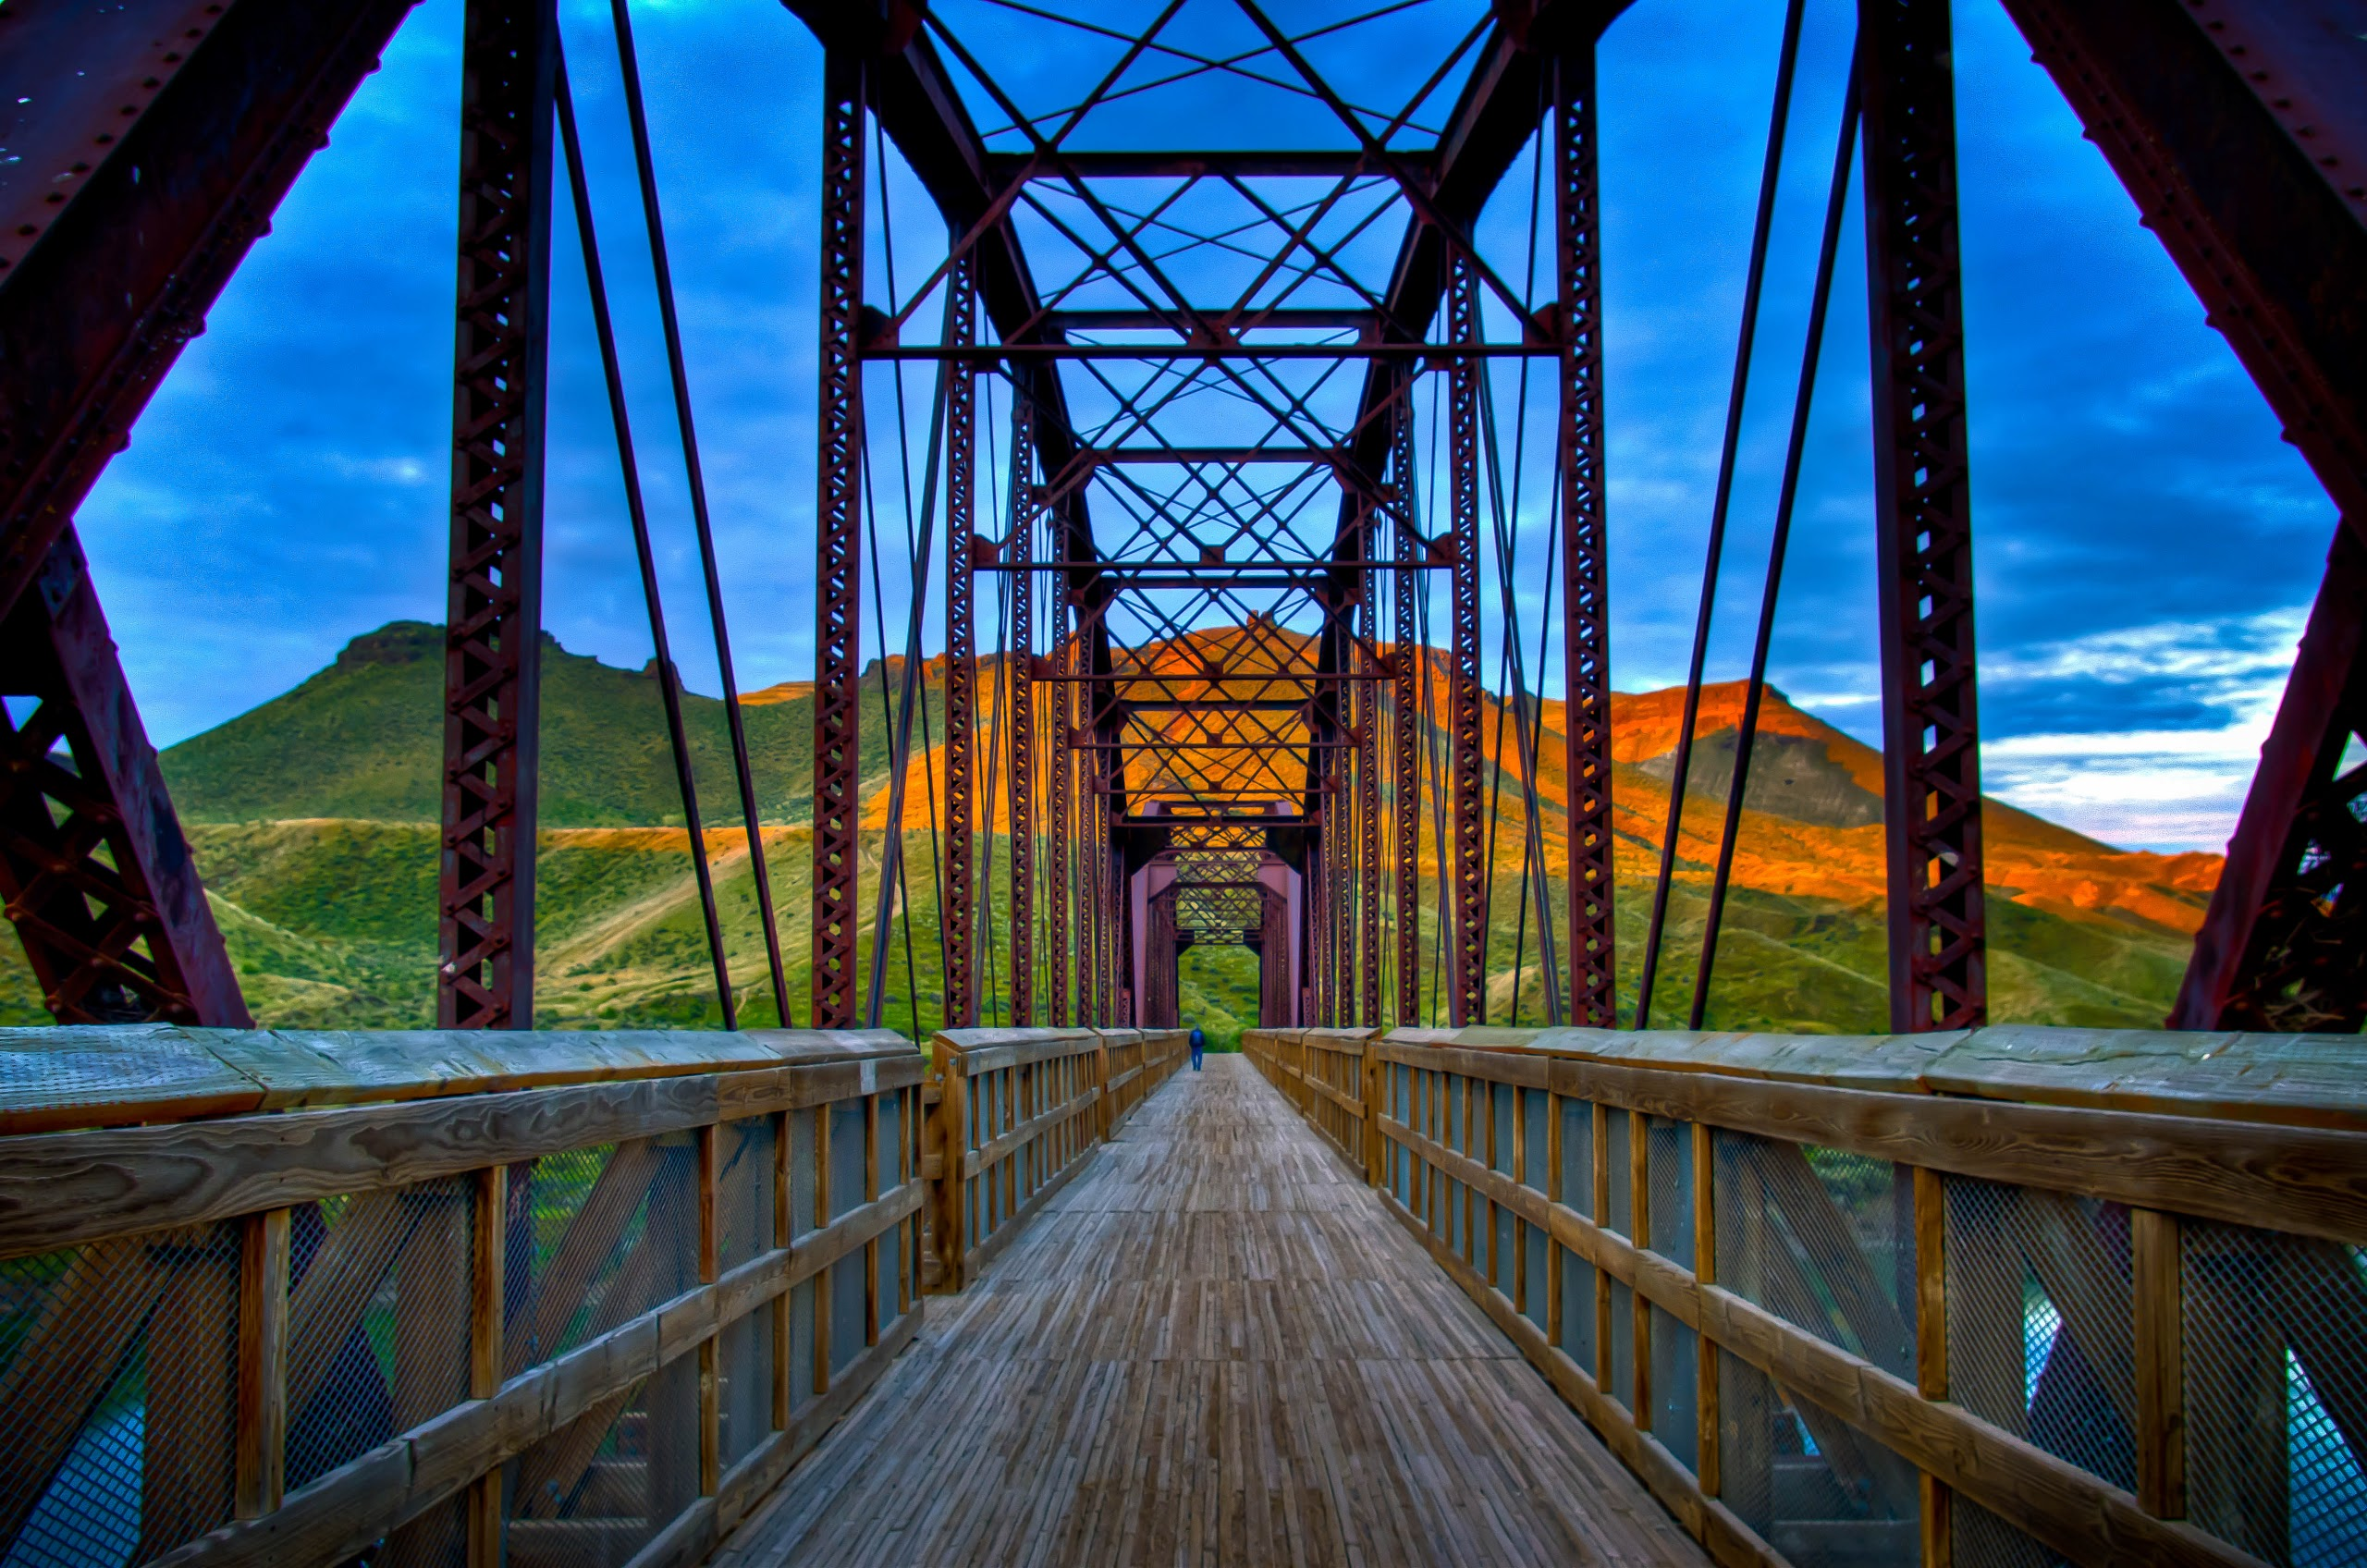 первая мосты в мире картинки каждом номере этого